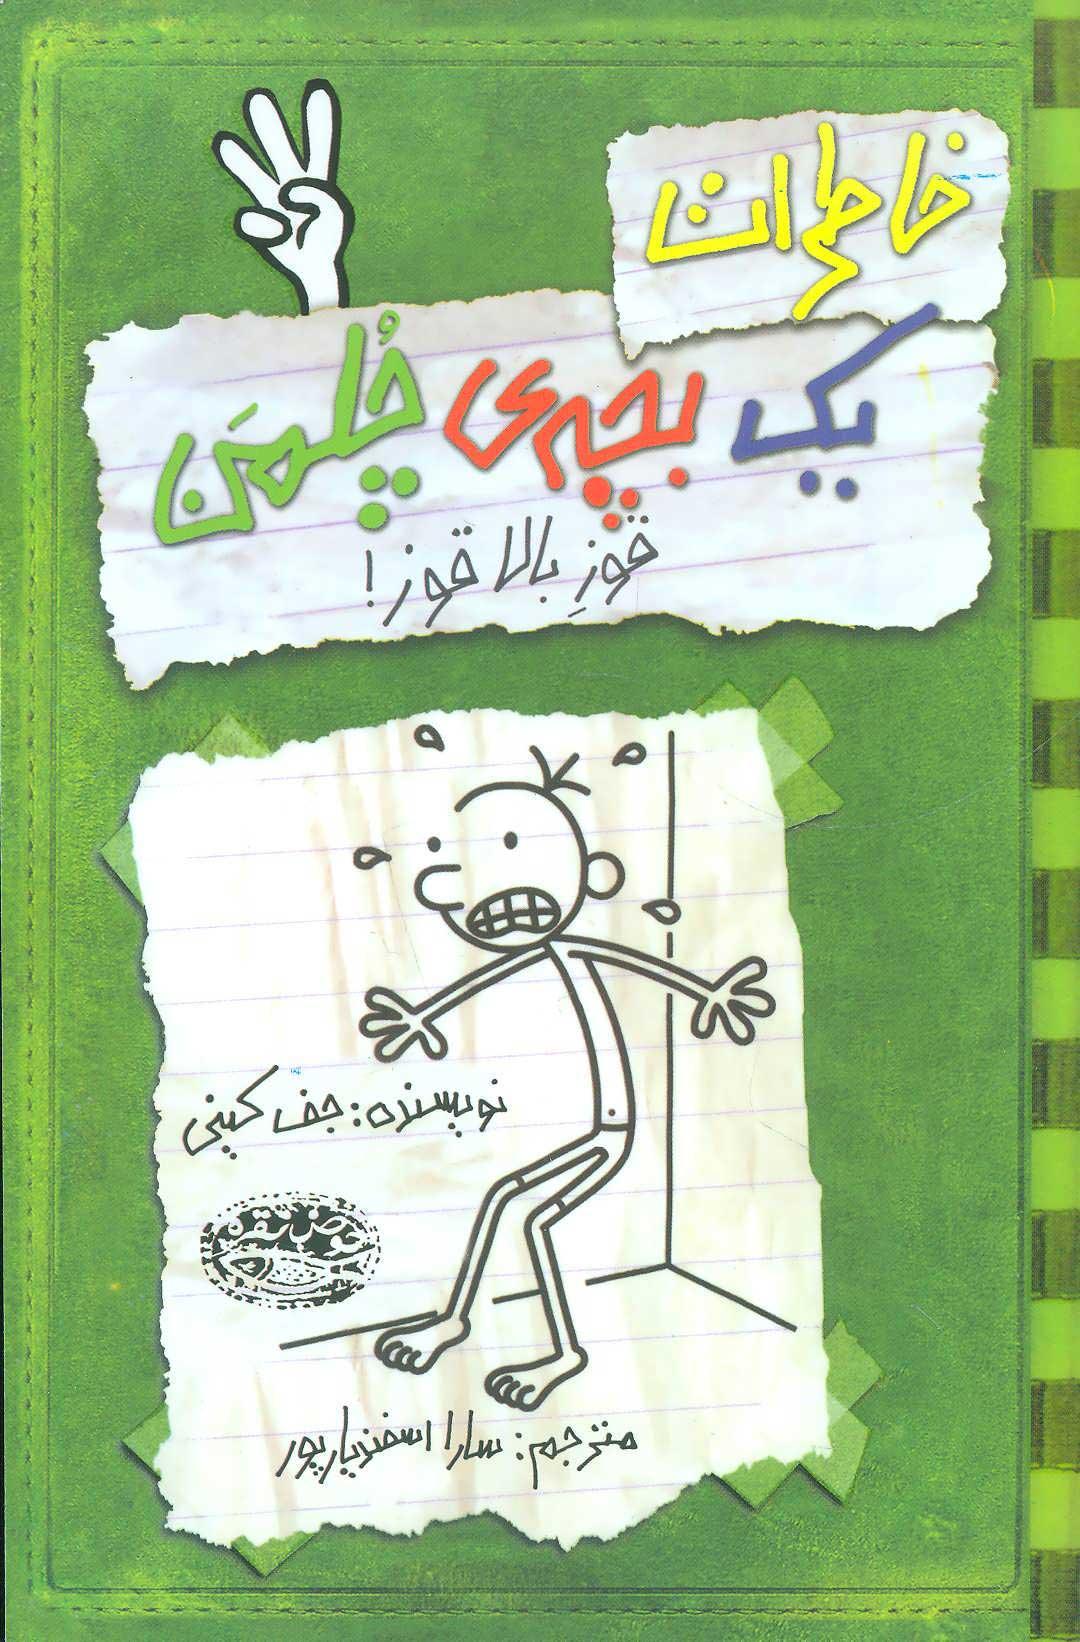 کتاب خاطرات یک بچه ی چلمن 3